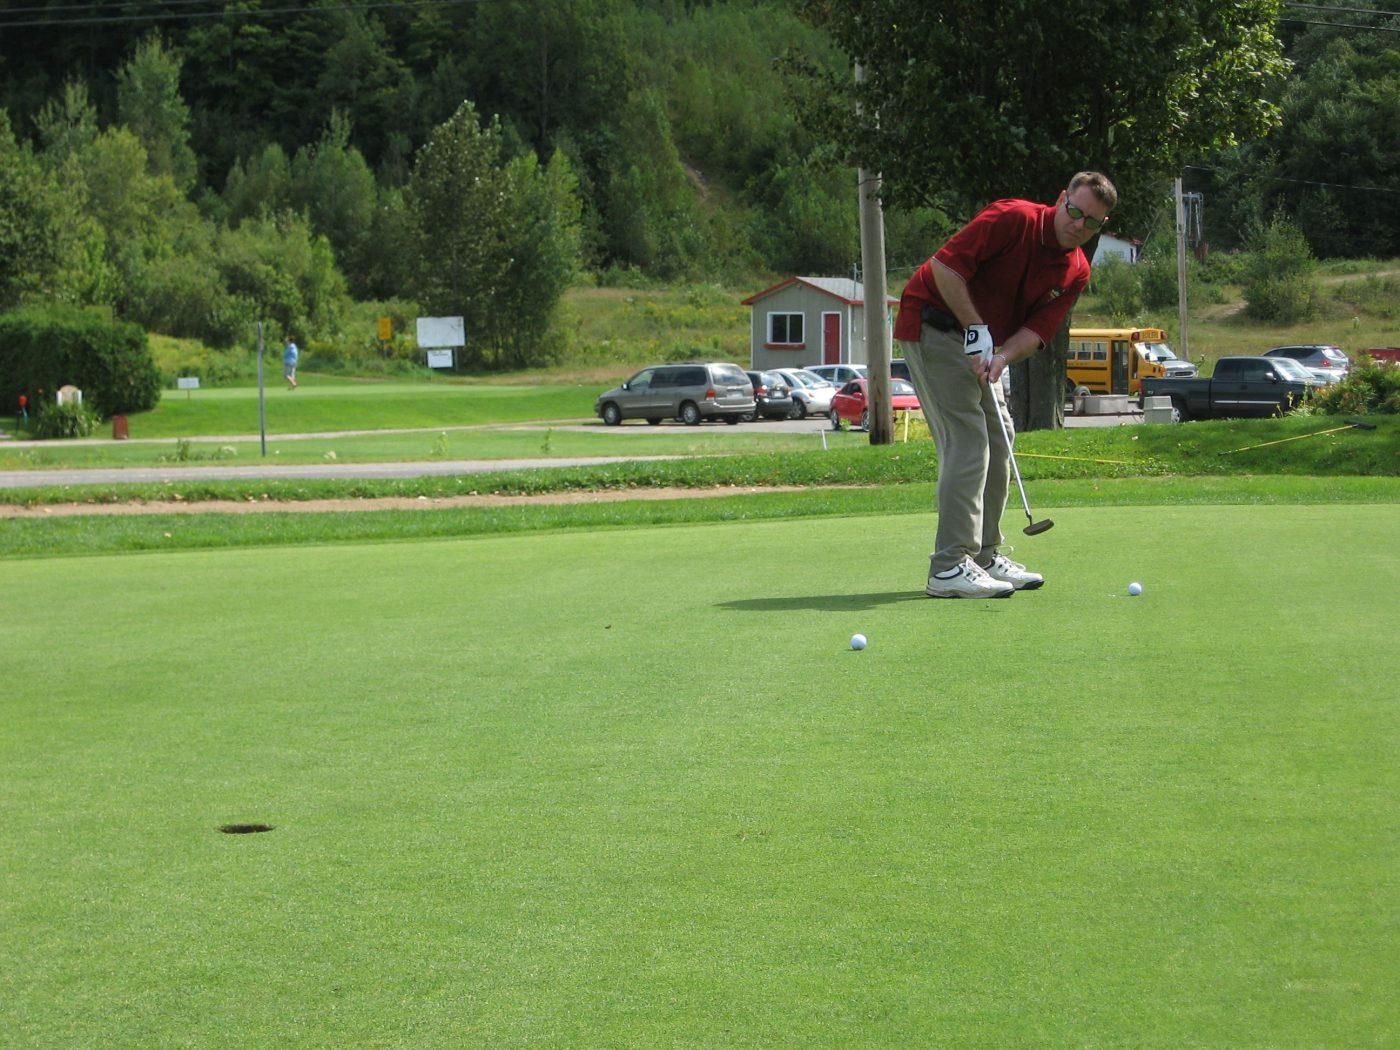 Tournoi golf de la fondation édition 2008